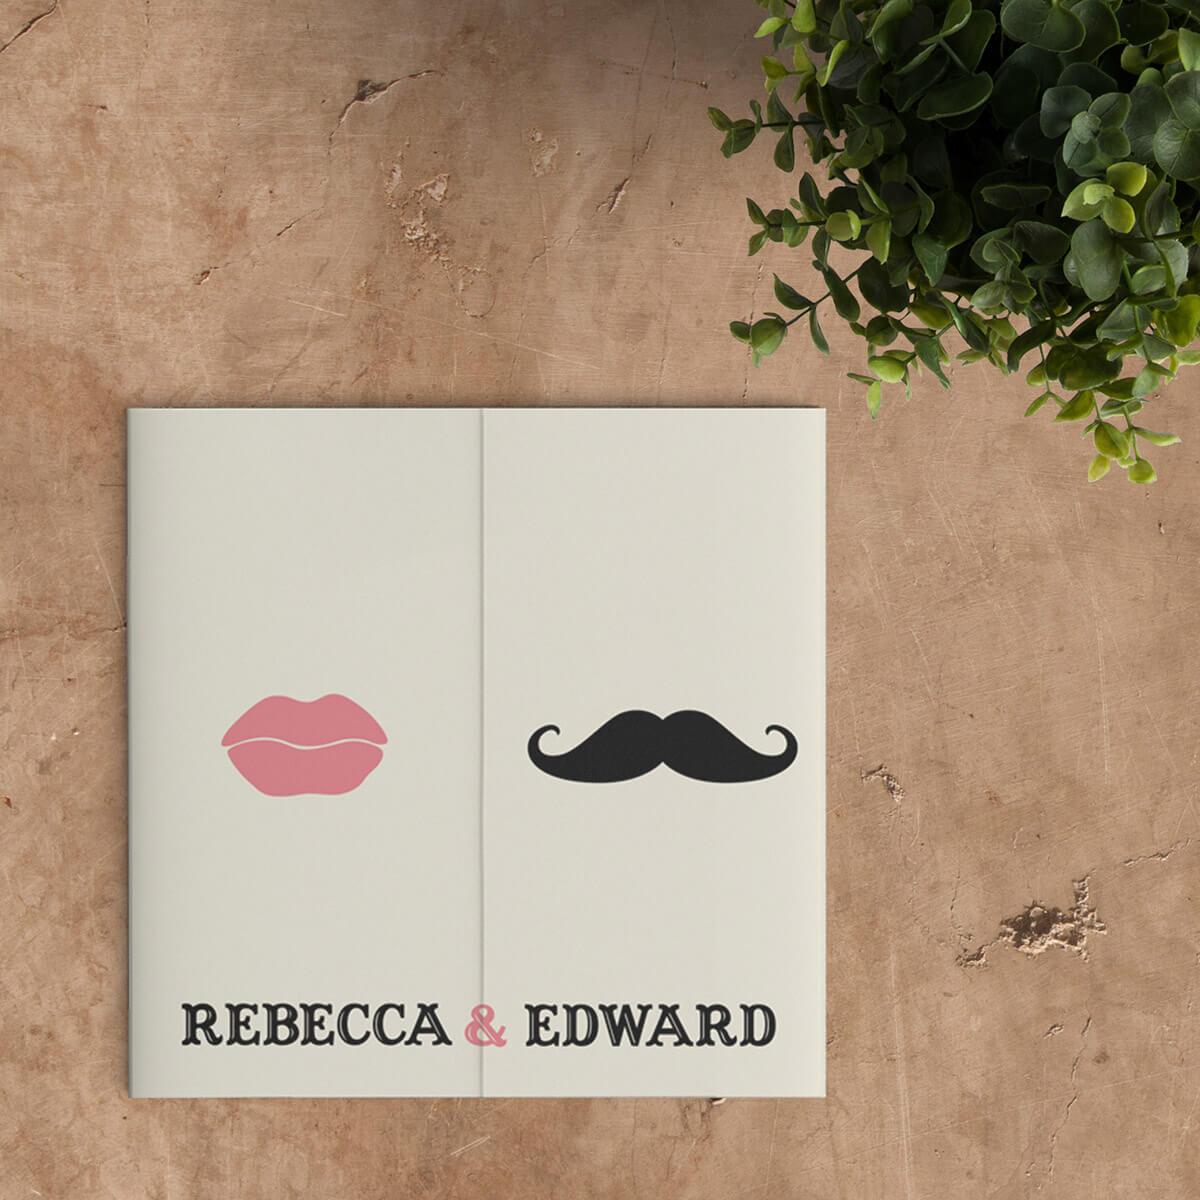 Trouwkaart Snor en Lippen is een moderne trouwkaart, met een stel lippen en een snor. Helemaal te personaliseren. Afbeelding laat voorkant van het trouwkaartje zien.